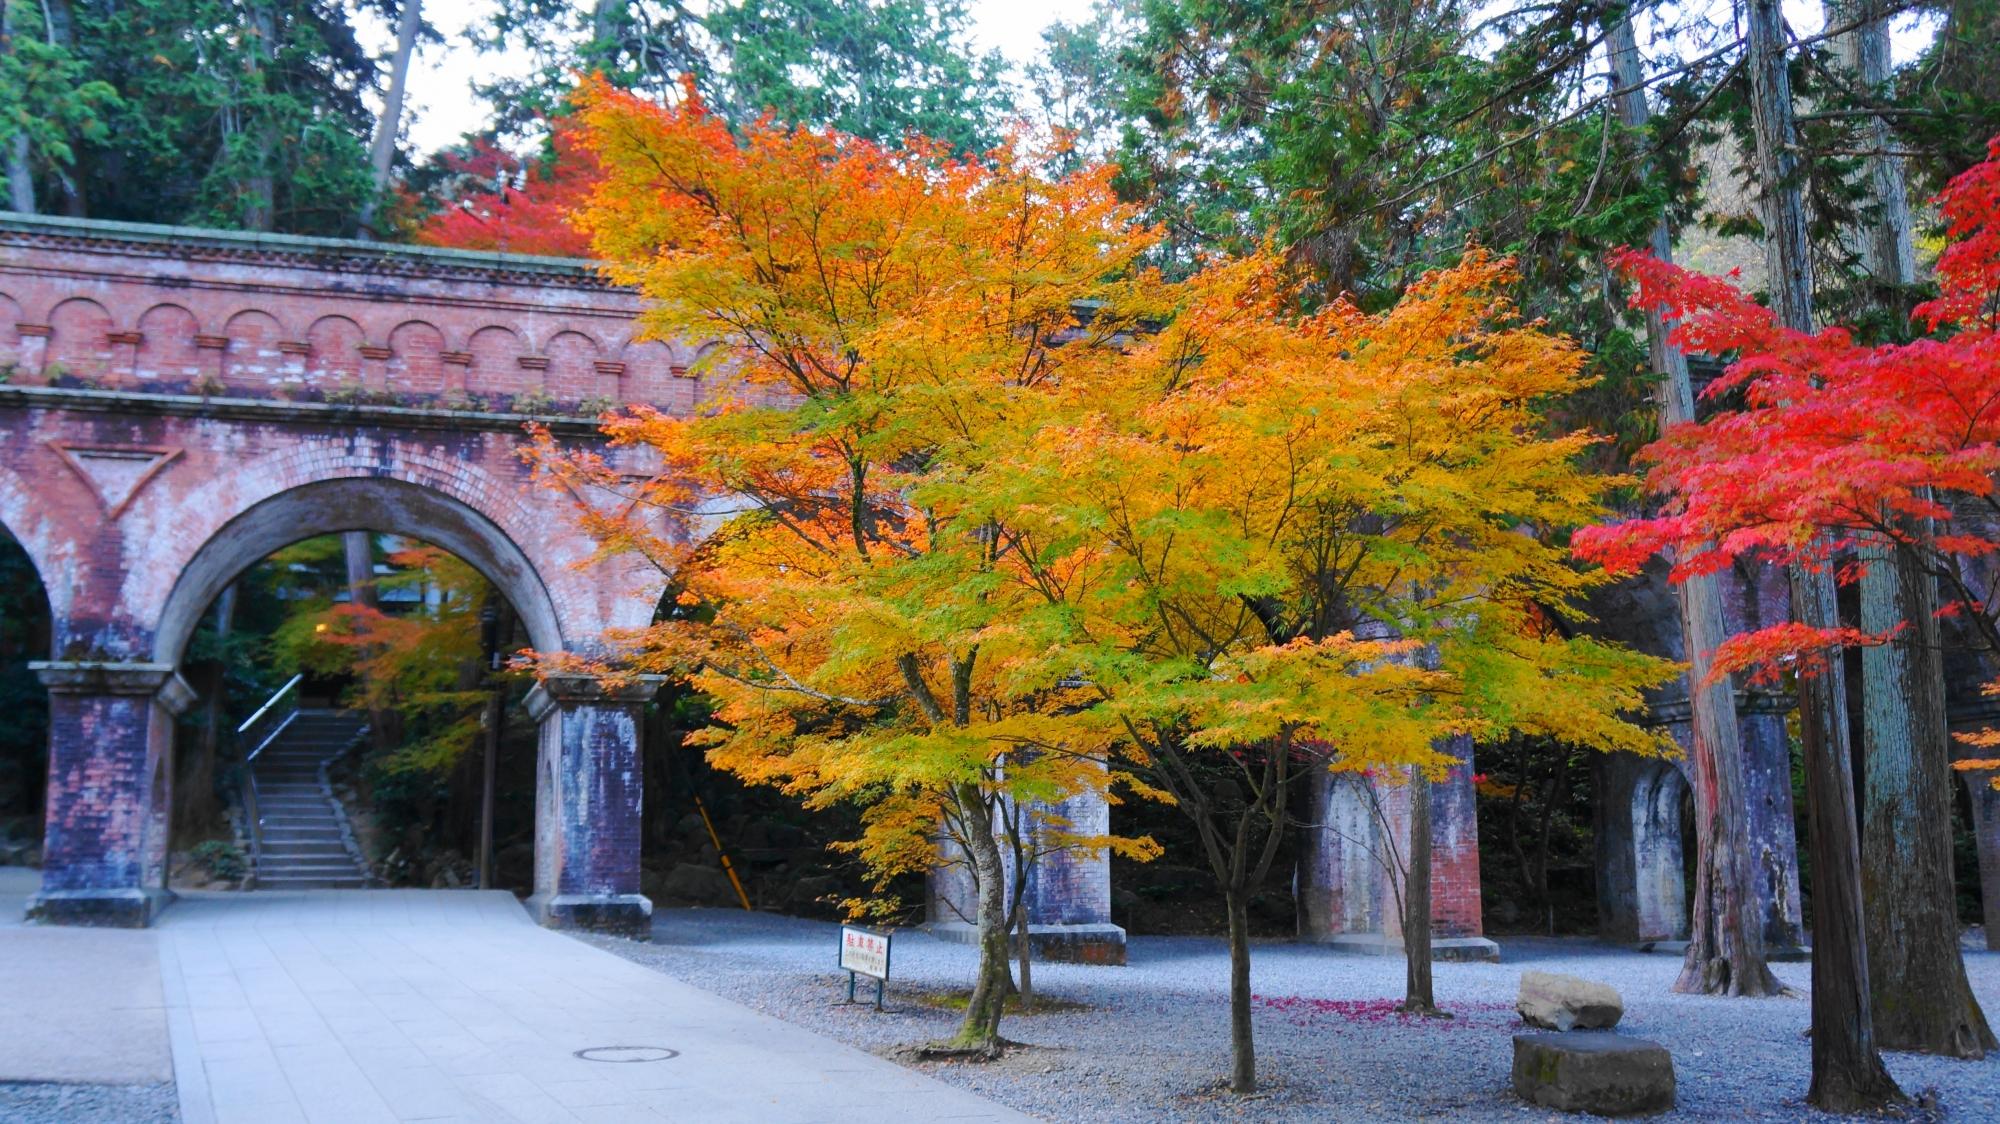 水路閣を華やぐ色とりどりの紅葉